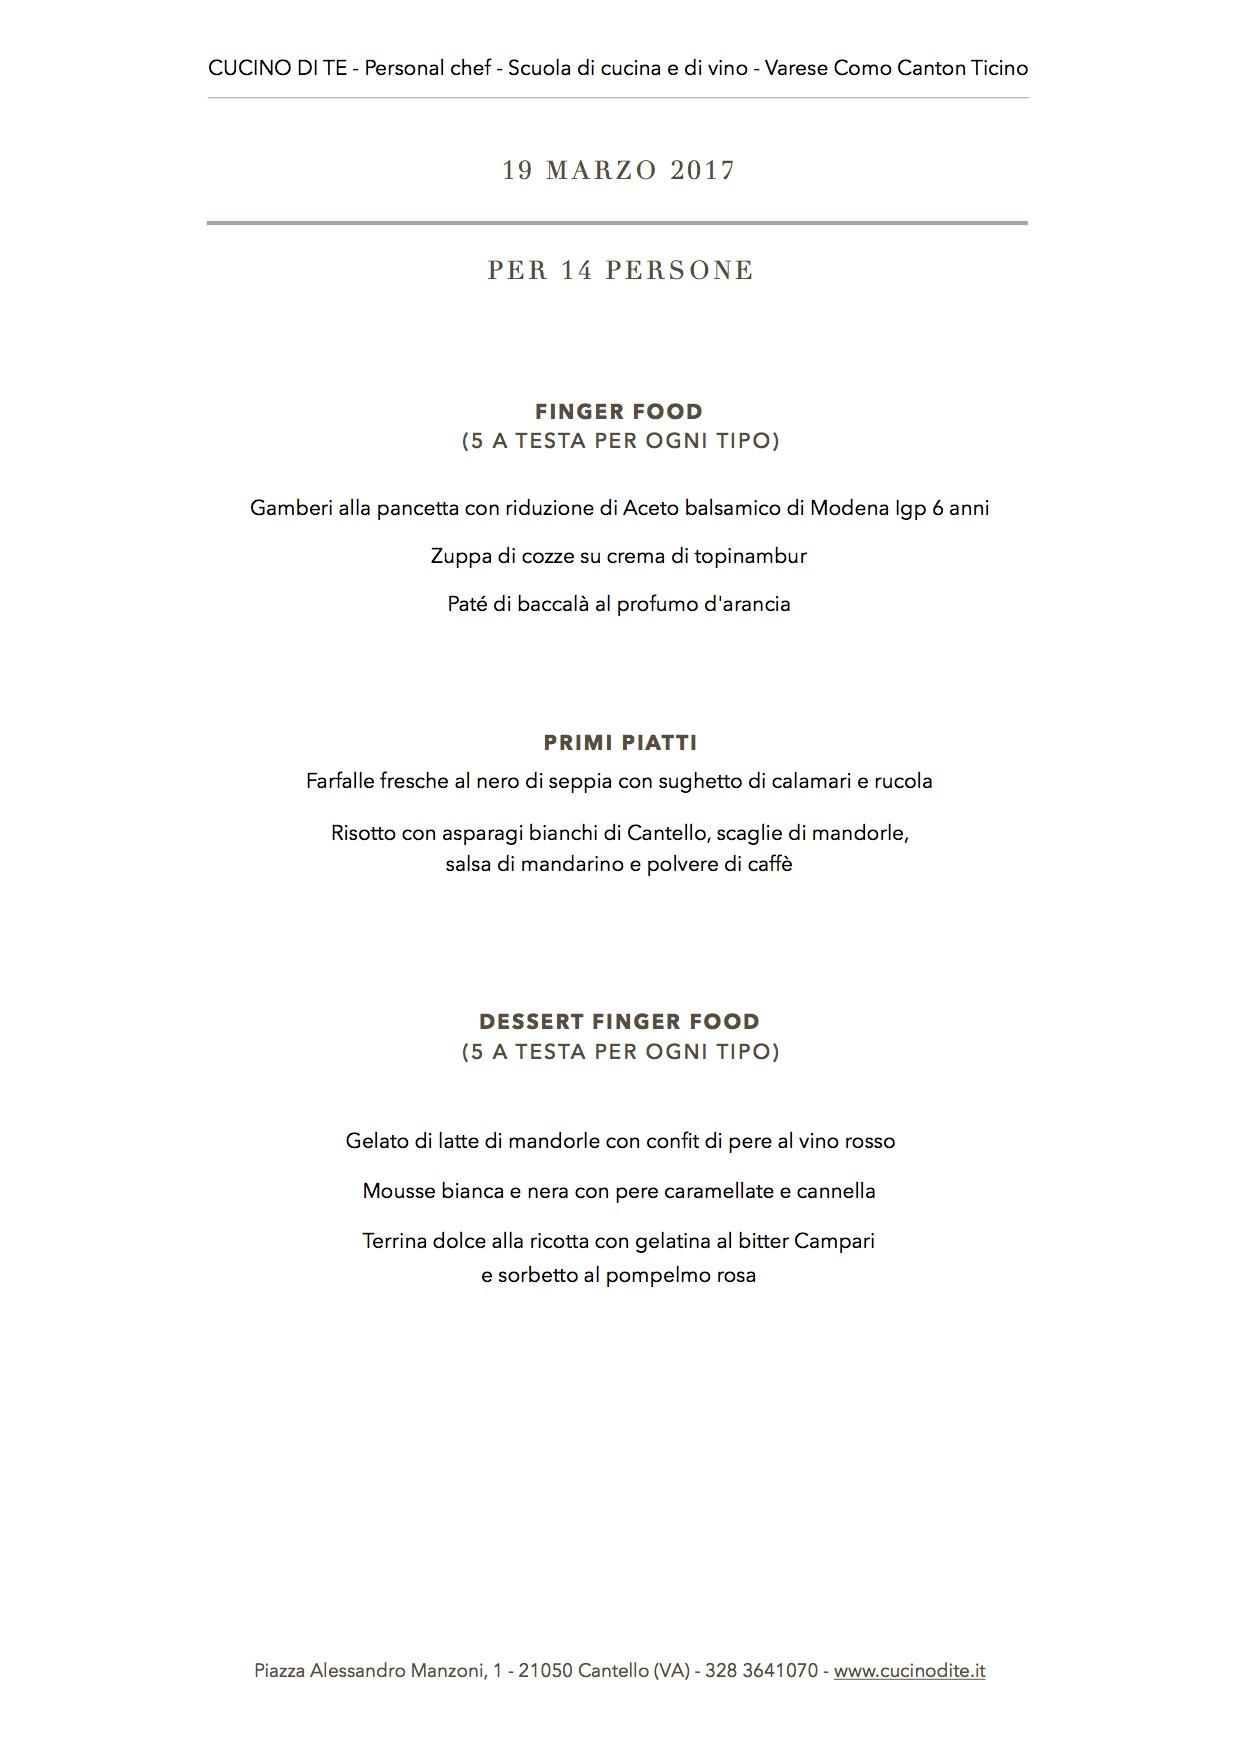 cucino di te - menù del 19 marzo 2017